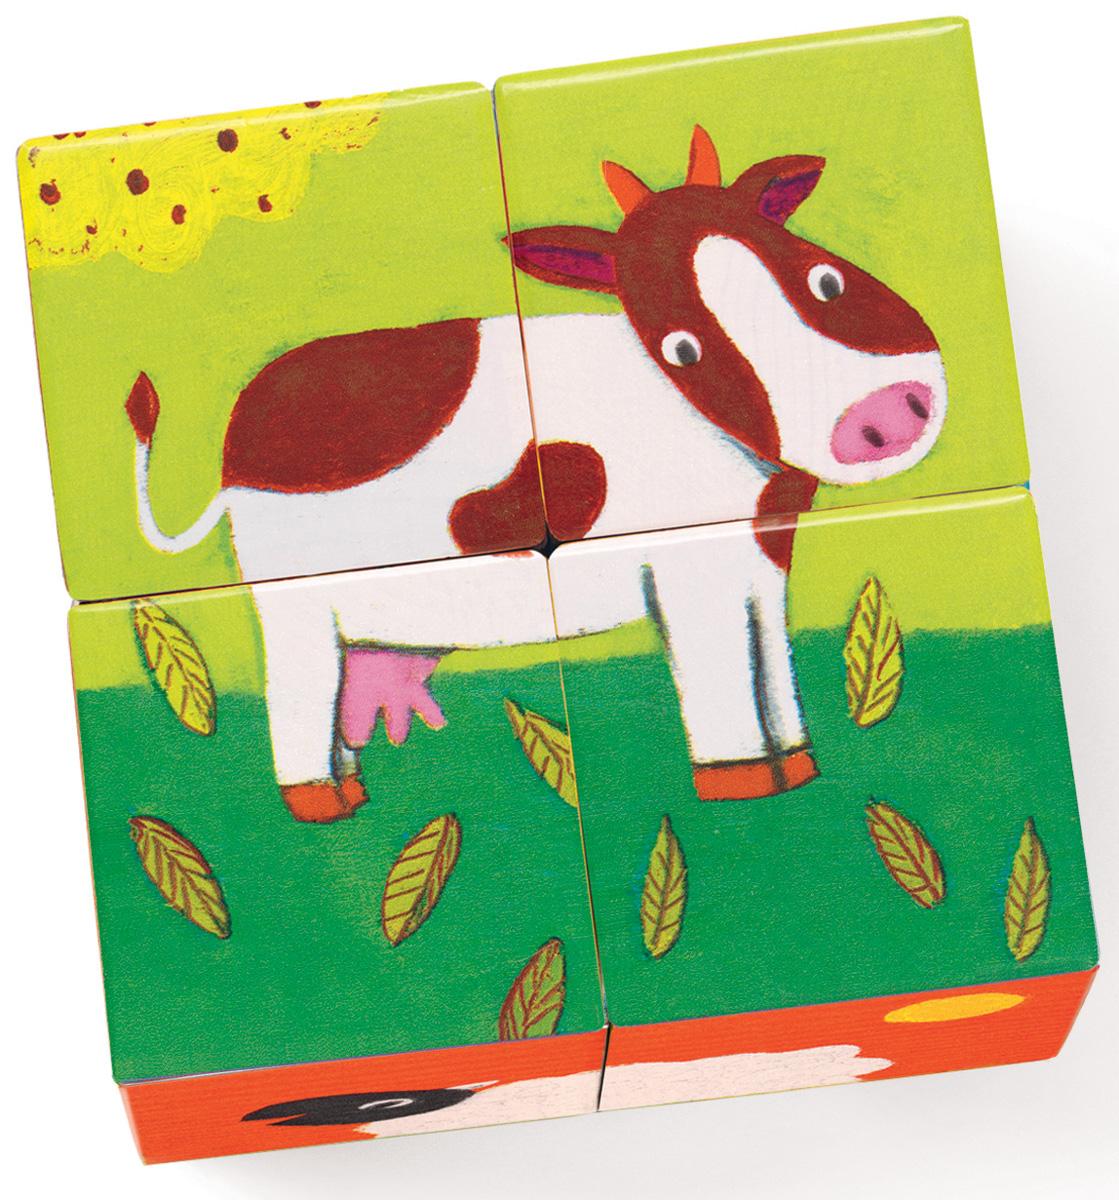 Djeco Кубики Ферма01900Кубики Ферма подарят Вашему ребенку много радостных минут. Он будет с увлечением играть с деревянными кубиками и рассматривать картинки. Дети смогут весело провести время за игрой и познакомиться к домашними животными, живущими на ферме. На каждой стороне изображена часть животного. Собрав 4 кубика вместе, малыш увидит красочную картинку. Игра развивает мелкую моторику, пространственные навыки, ловкость и координацию движений. В наборе 4 кубика.